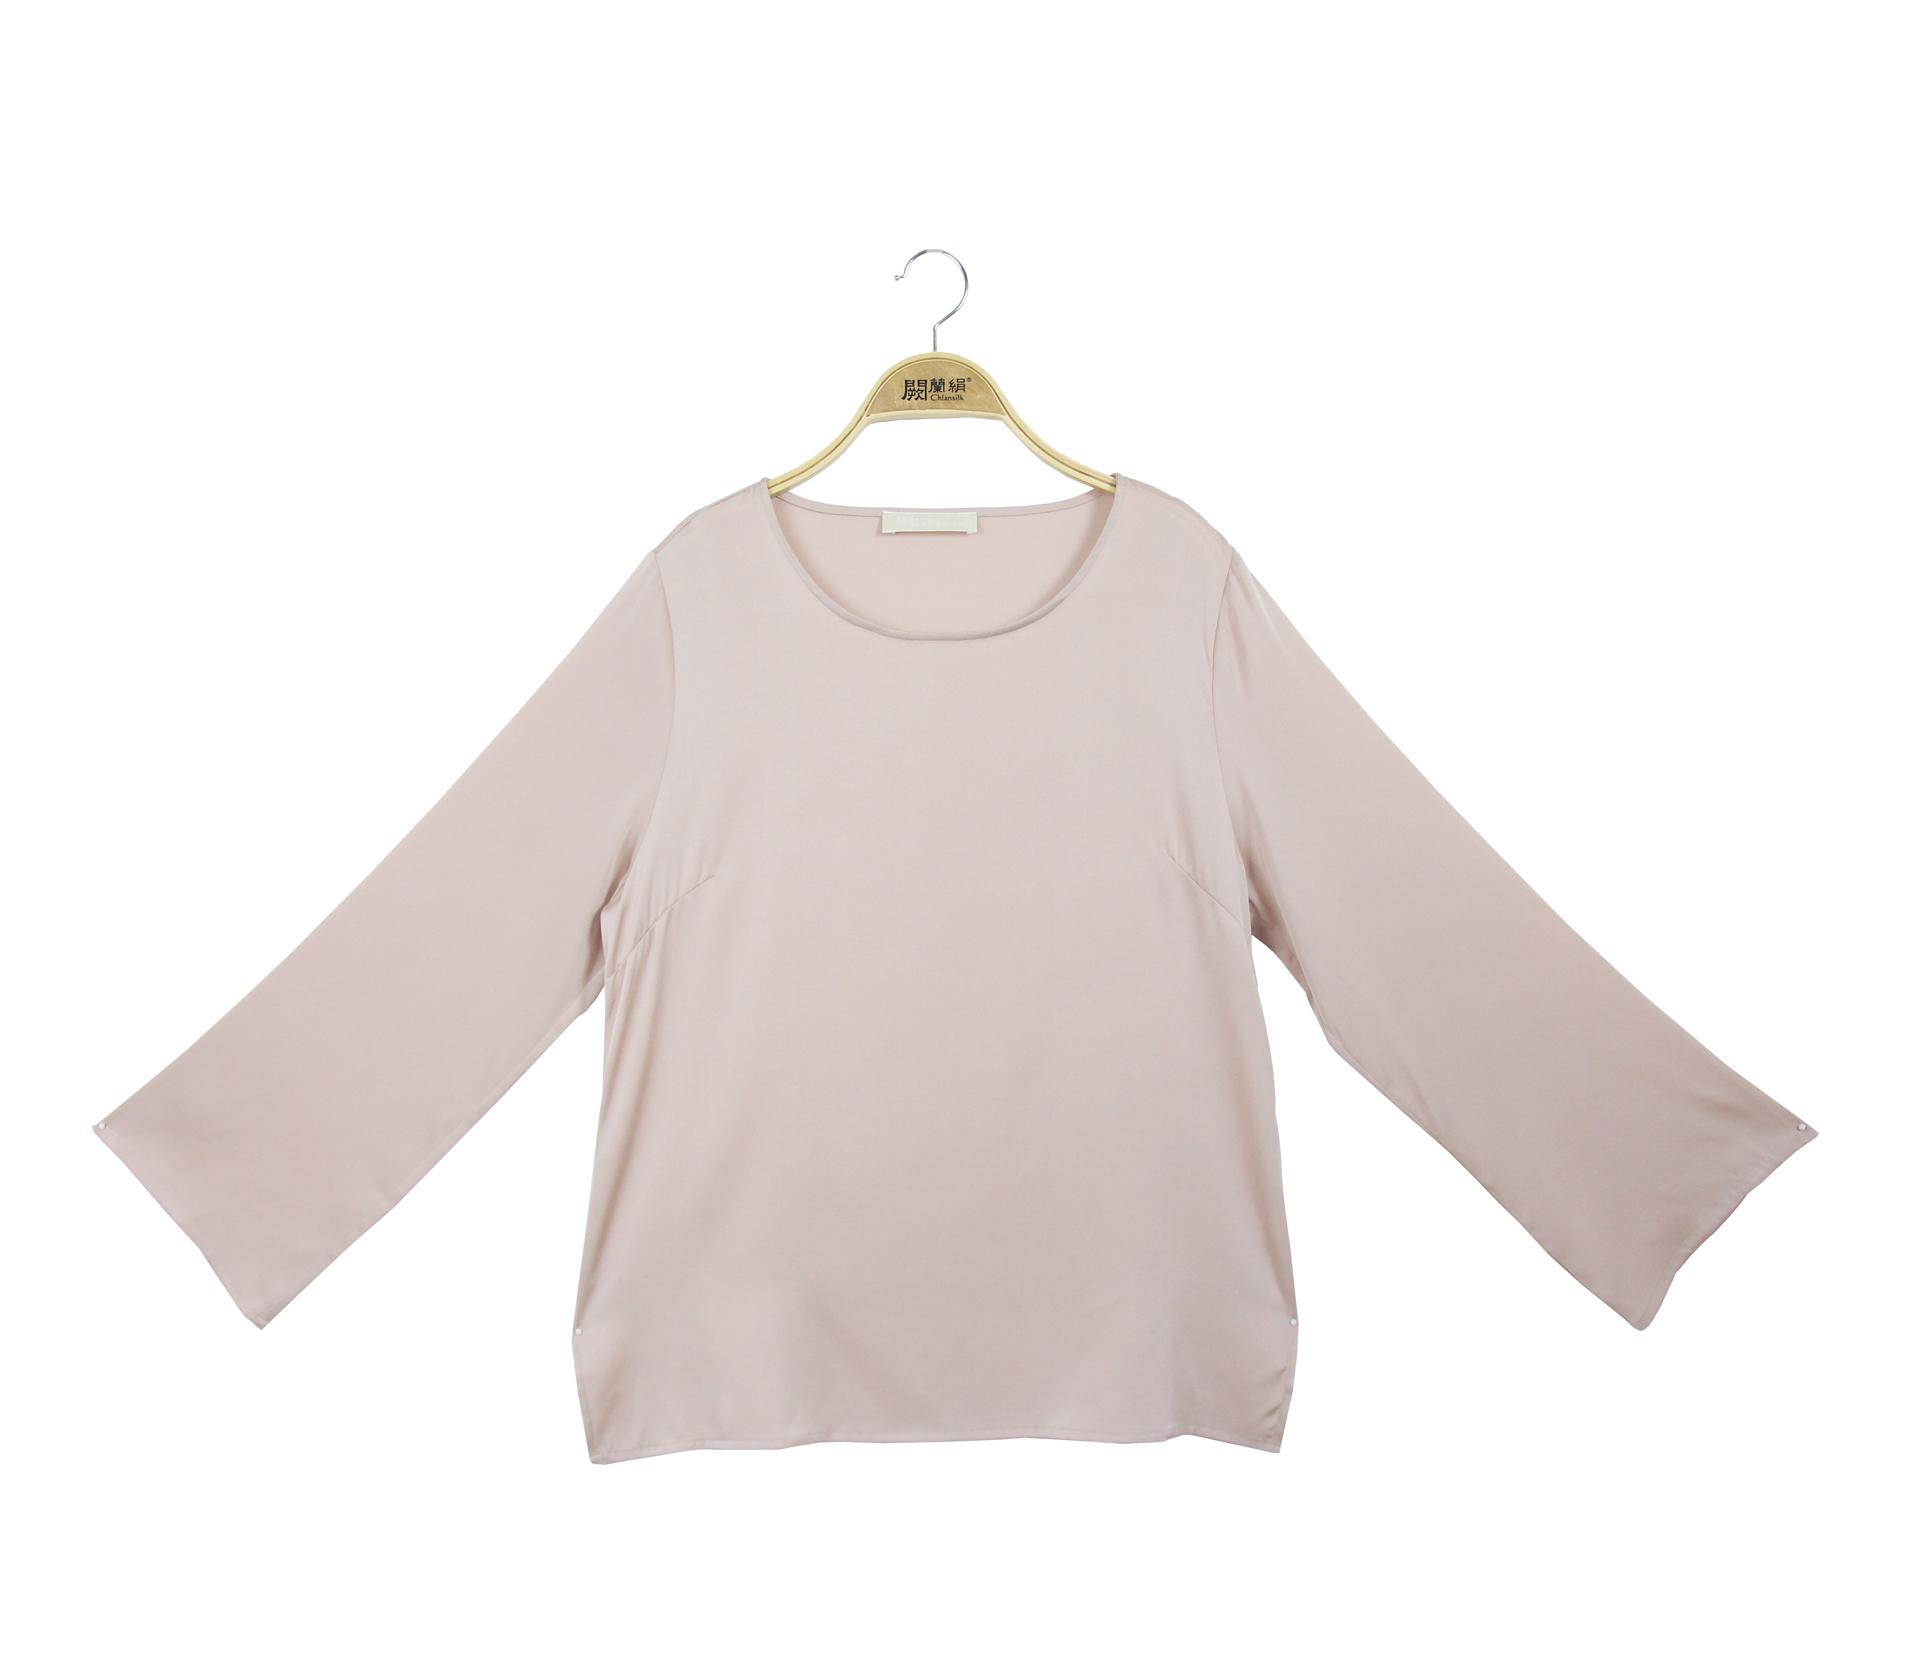 闕蘭絹氣質典雅緞面蠶絲長袖上衣 - 玫瑰金色 - 6032